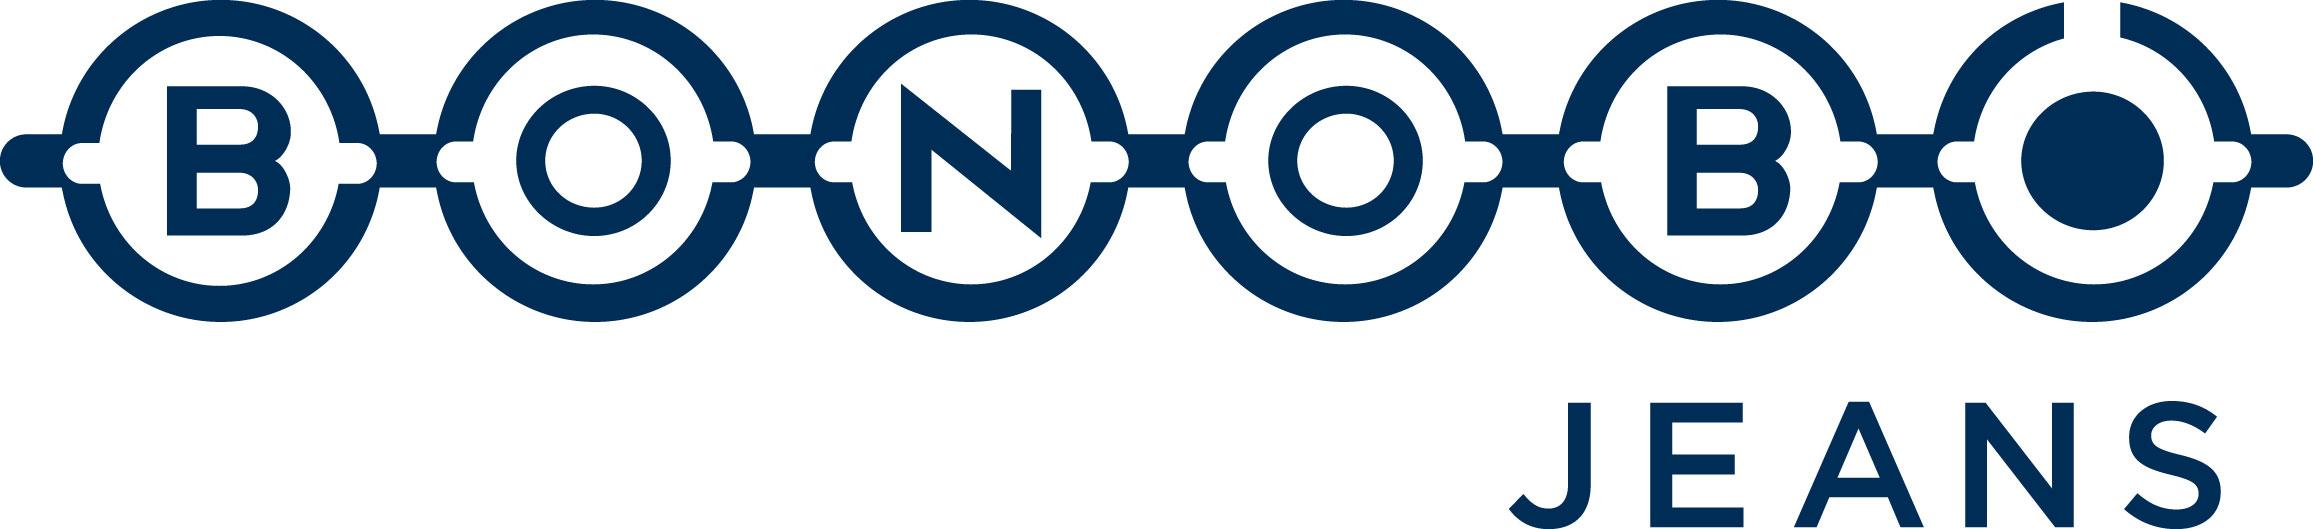 D Car Logo >> Articles BONOBO : Achat-Vente BONOBO pas cher sur Pretachanger